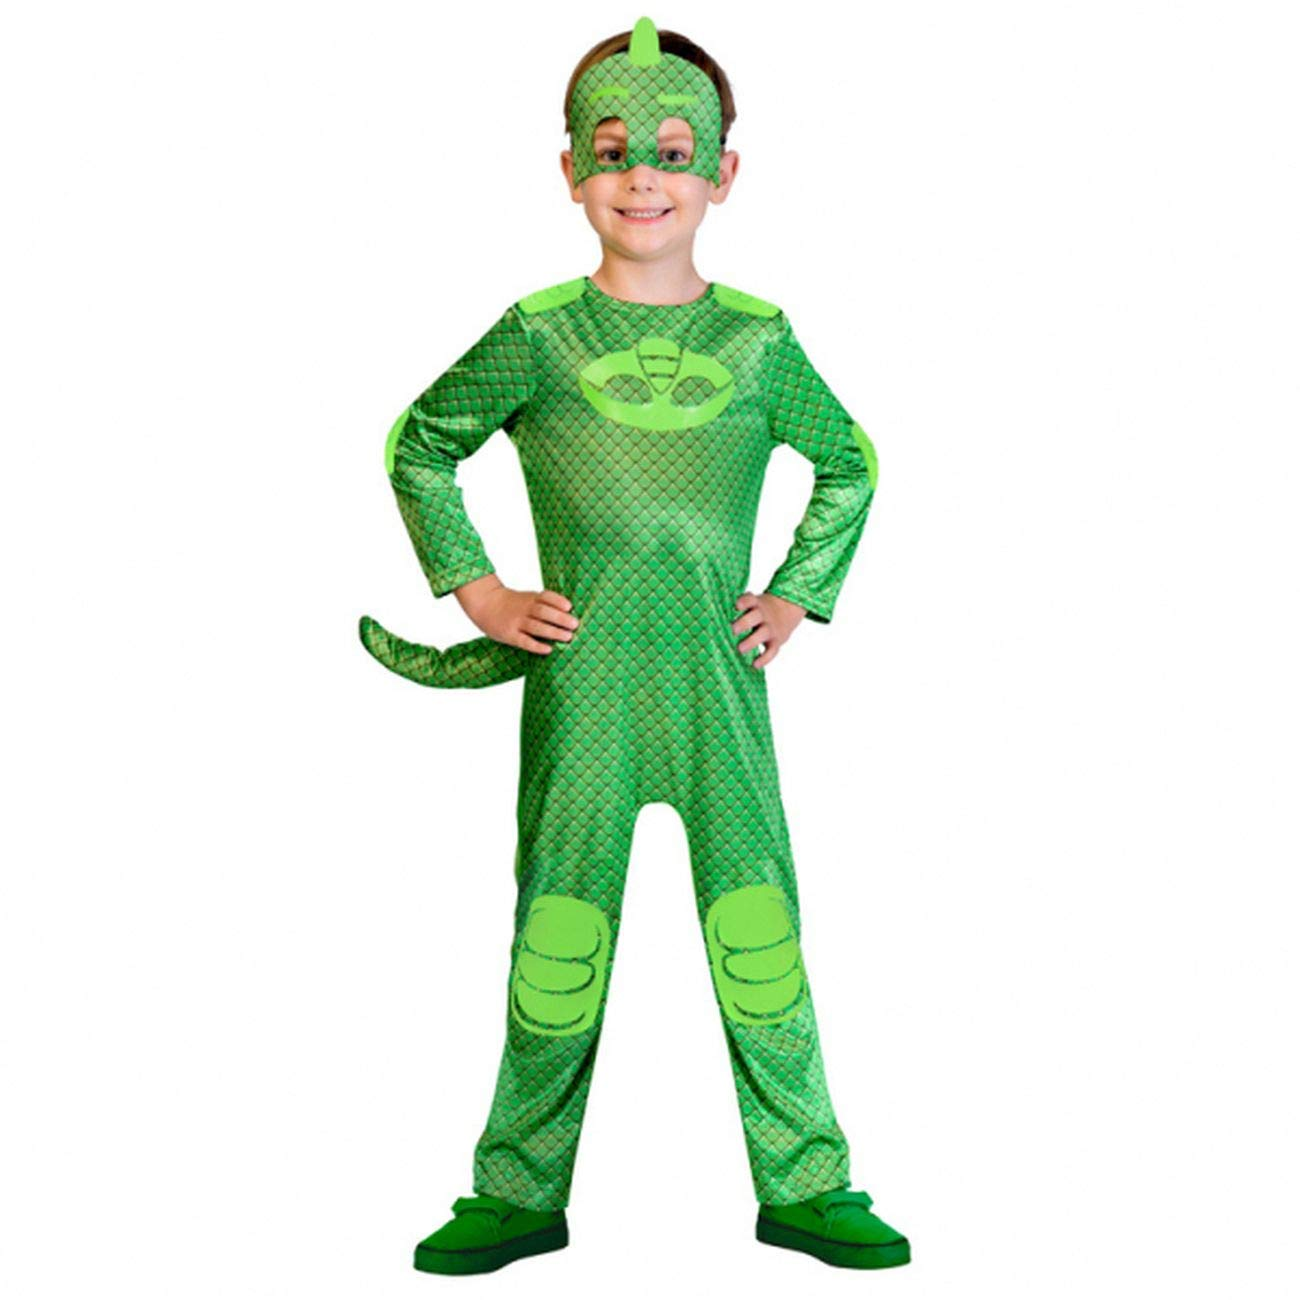 Amscan 9902956 -Gekko Fancy Dress Pjmasks, Green